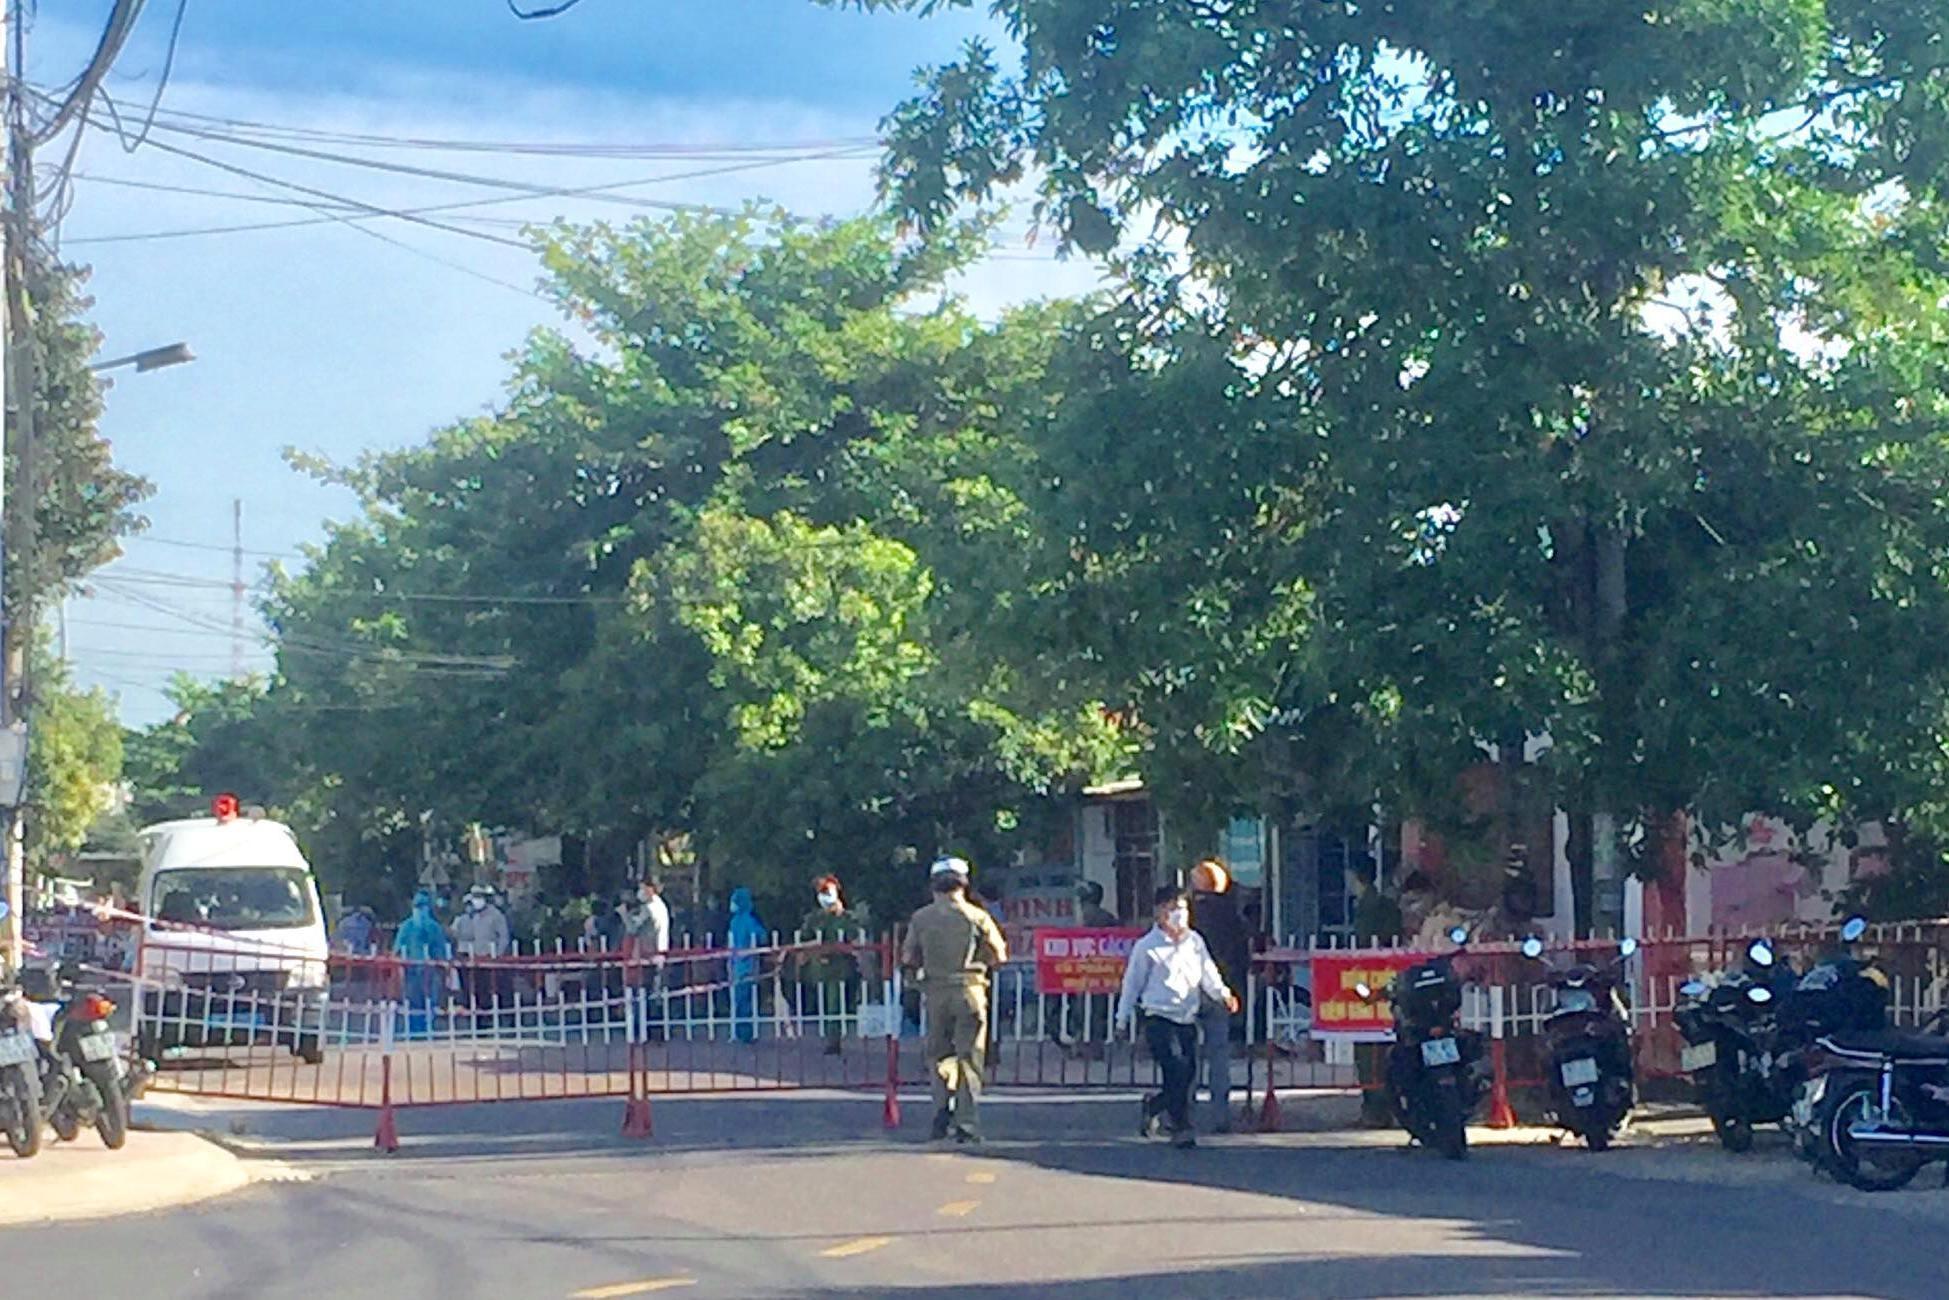 Phong tỏa một đoạn đường Nguyễn Thái Học.